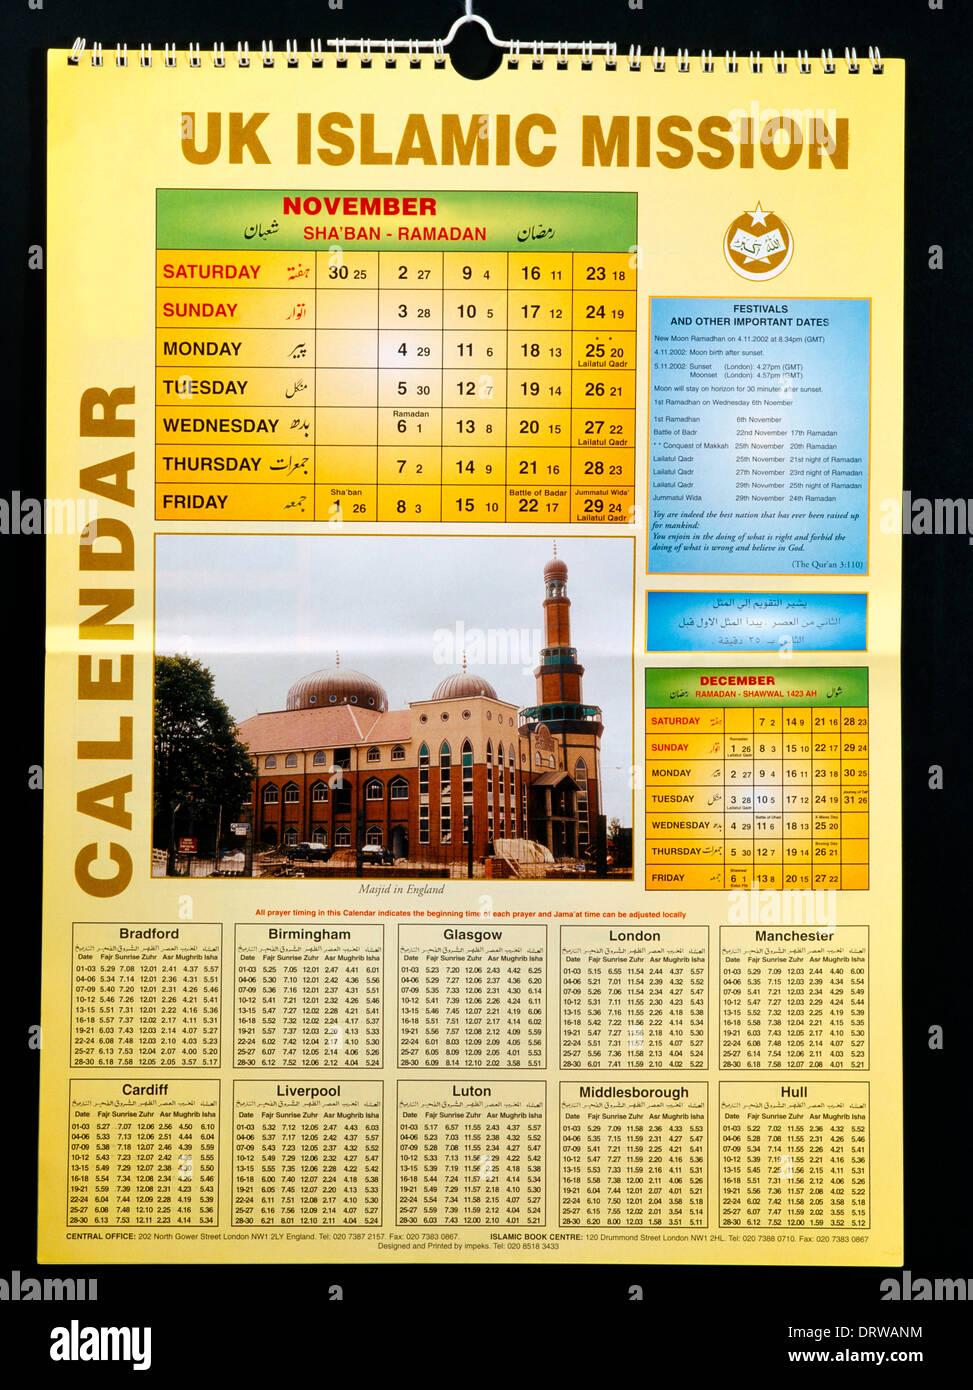 Il Calendario Islamico.Calendario Islamico 2002 Foto Immagine Stock 66325440 Alamy